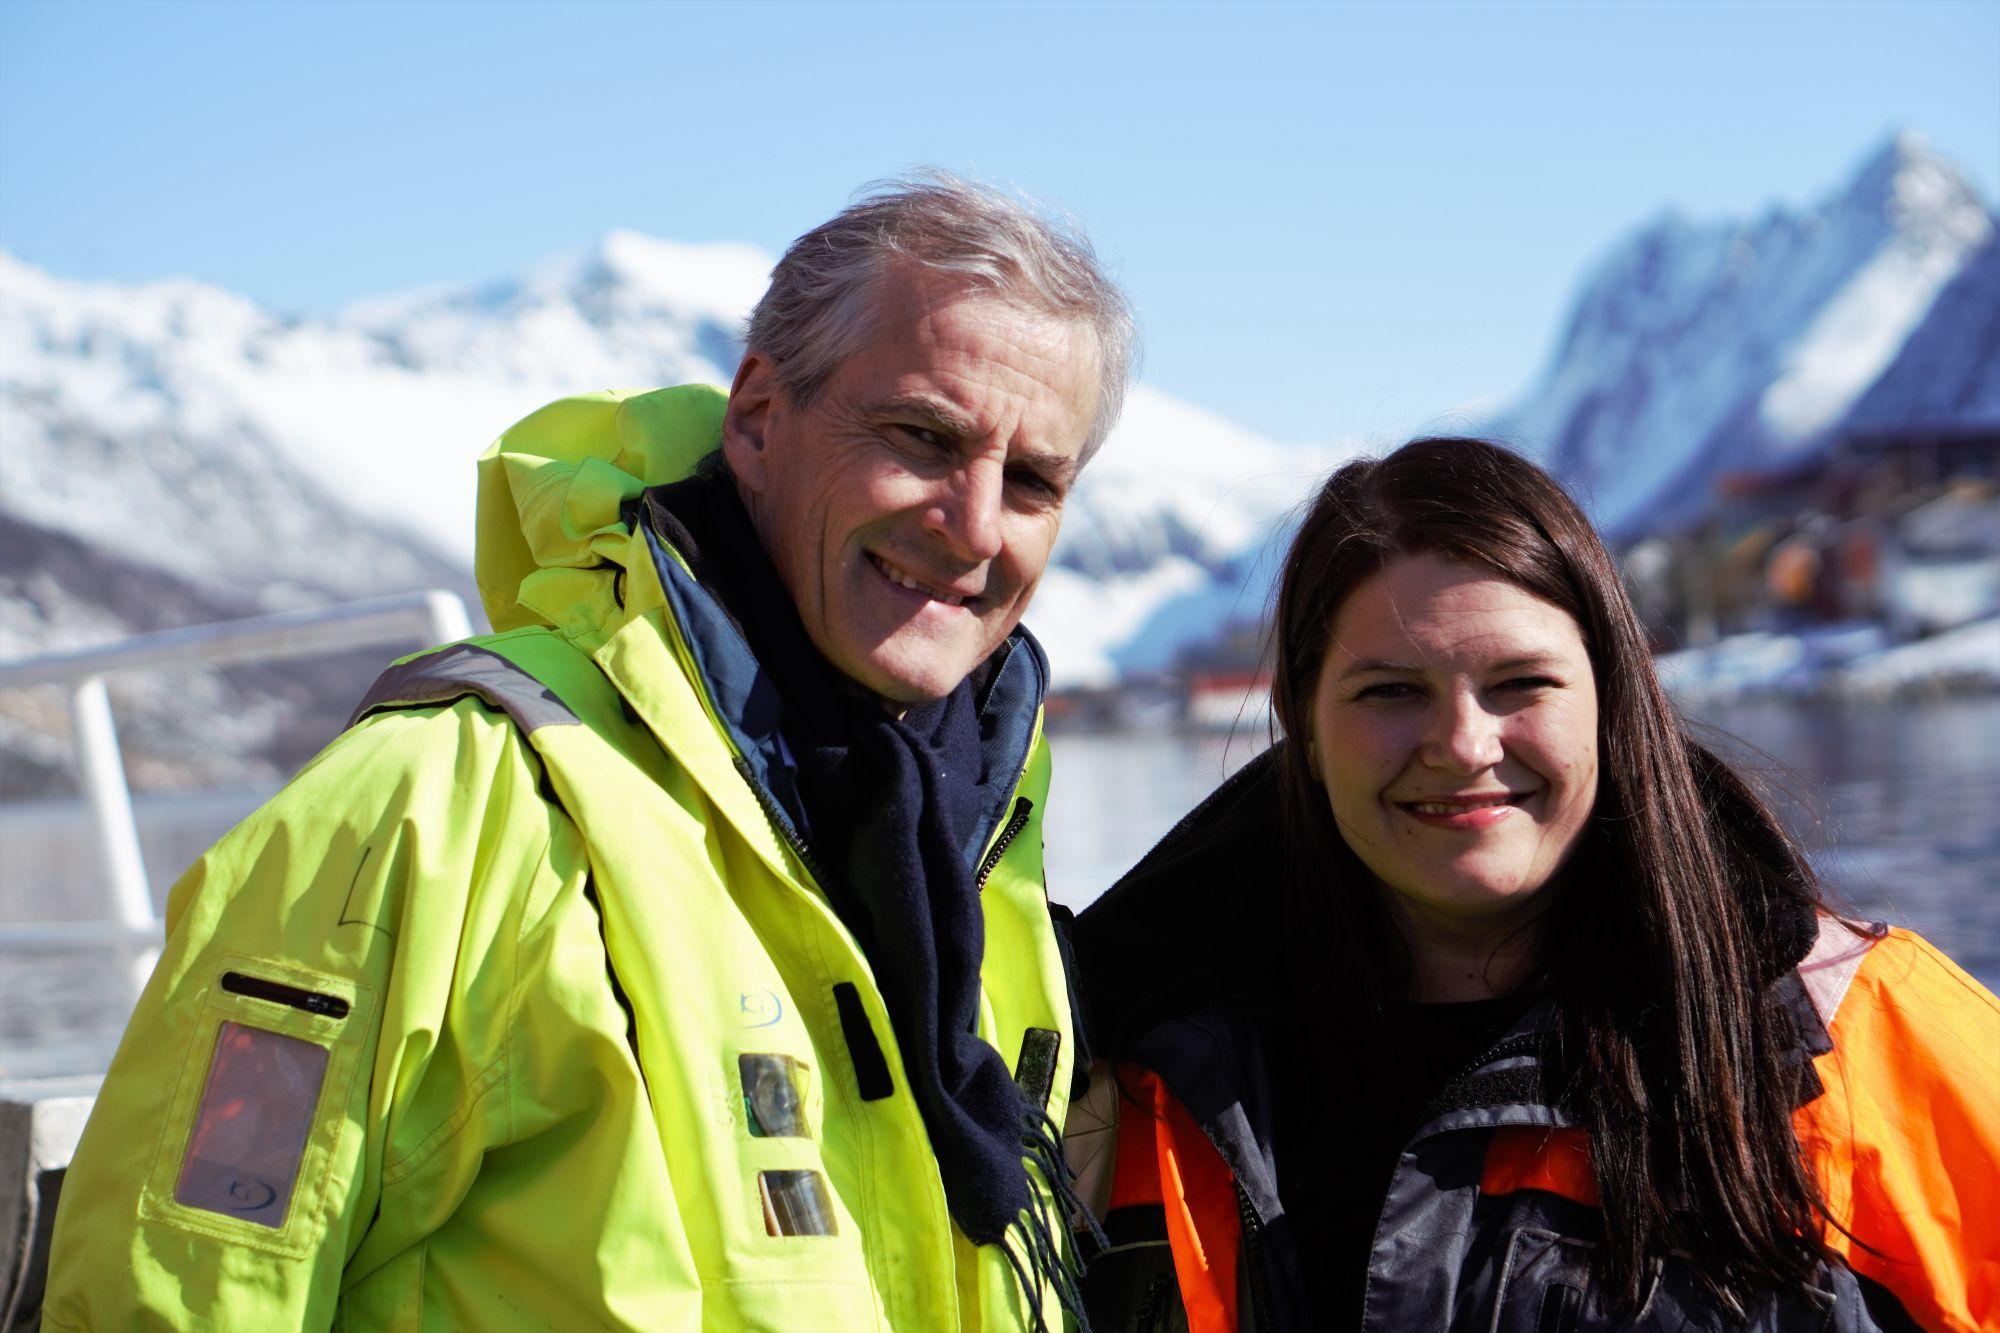 Jonas Gahr Støre og Cecilie Myrseth på en fiskebåt i Gryllefjord.